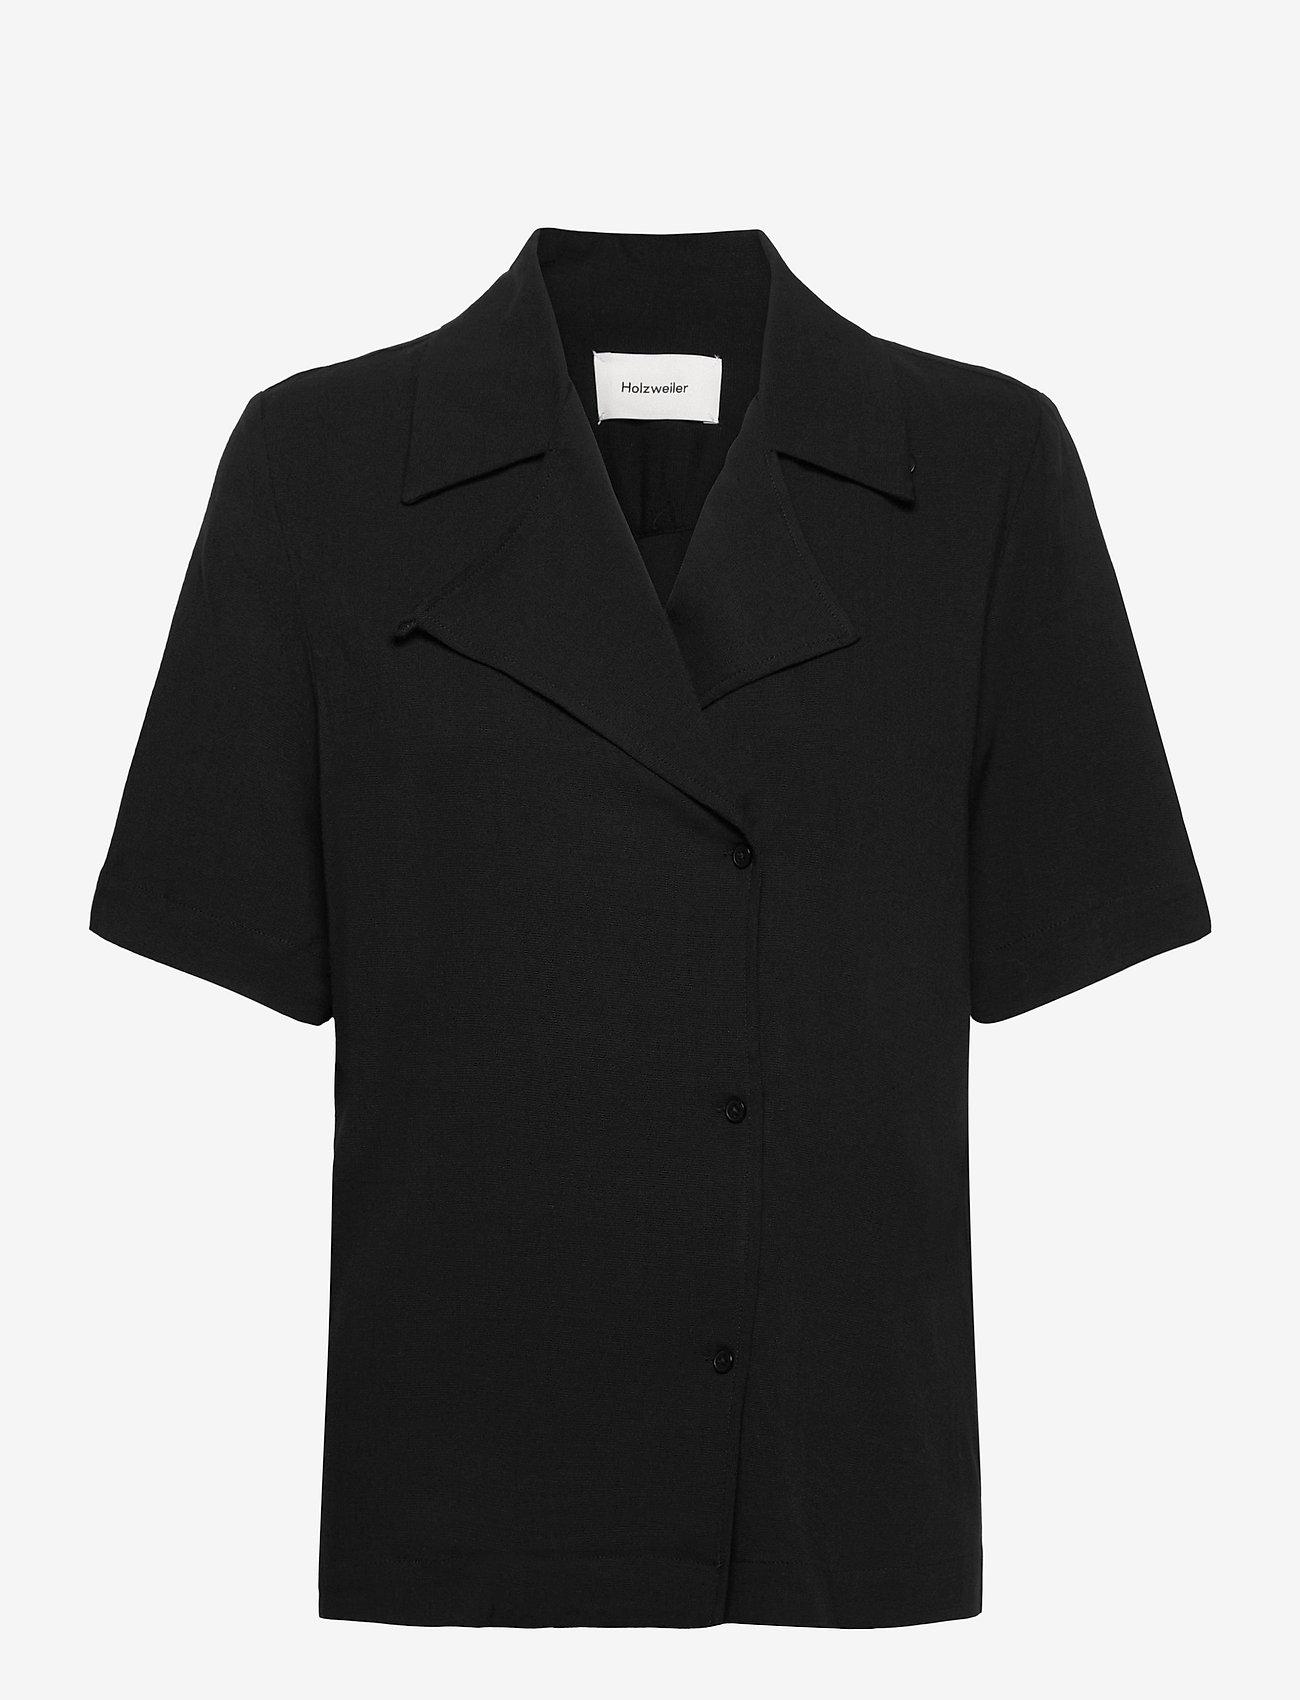 HOLZWEILER - Borger Shirt1 - short-sleeved blouses - black - 0